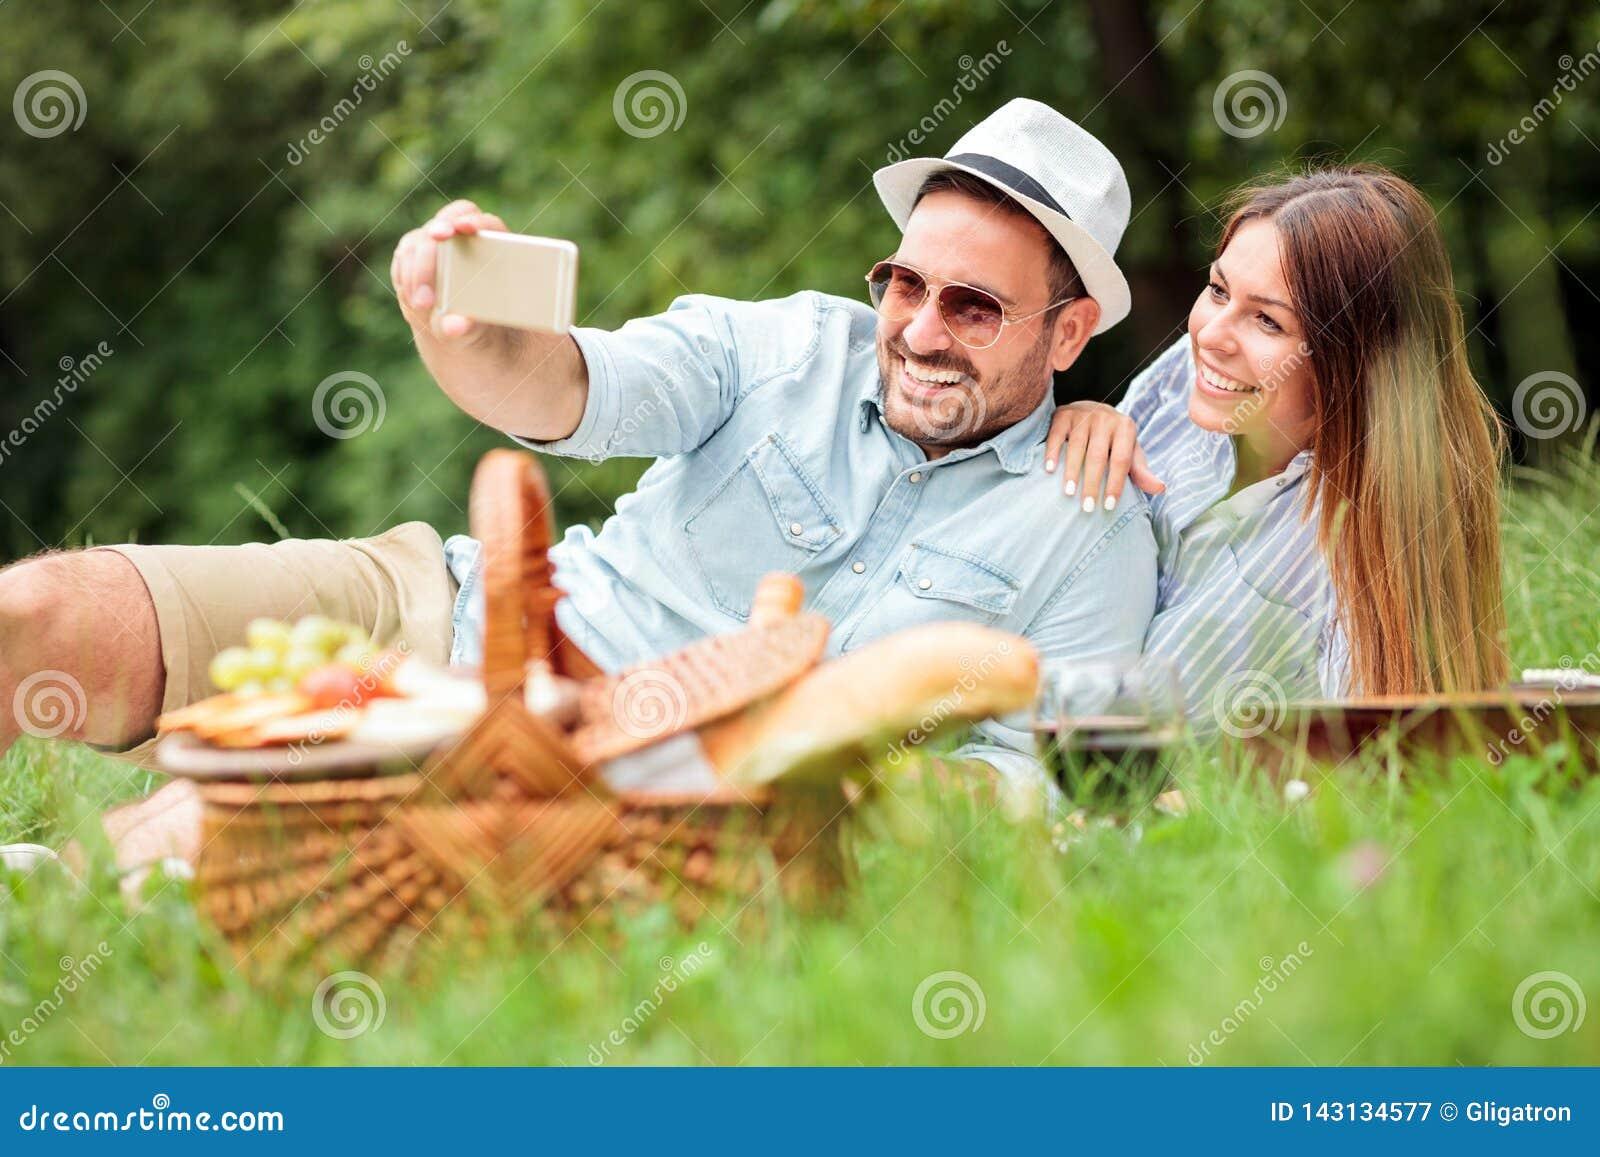 Ευτυχές νέο ζεύγος που παίρνει ένα selfie απολαμβάνοντας το χρόνο πικ-νίκ στο πάρκο